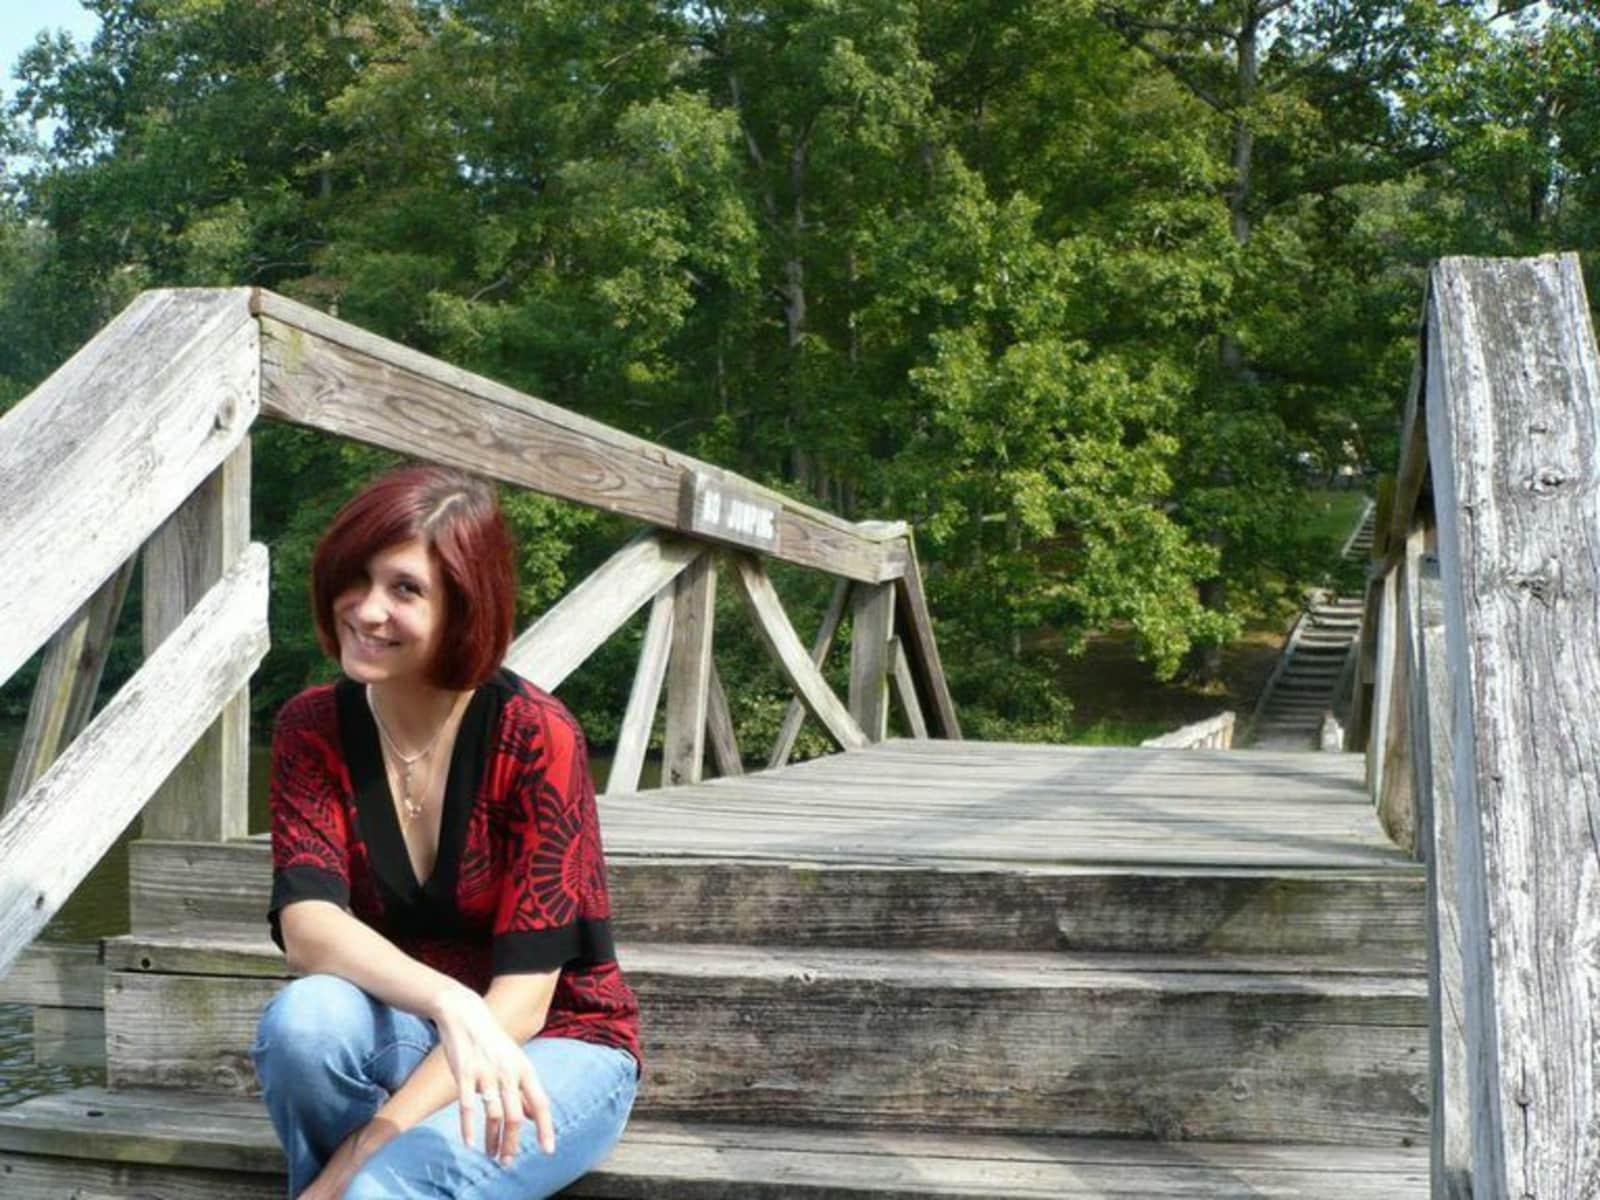 Heather from Toledo, Ohio, United States